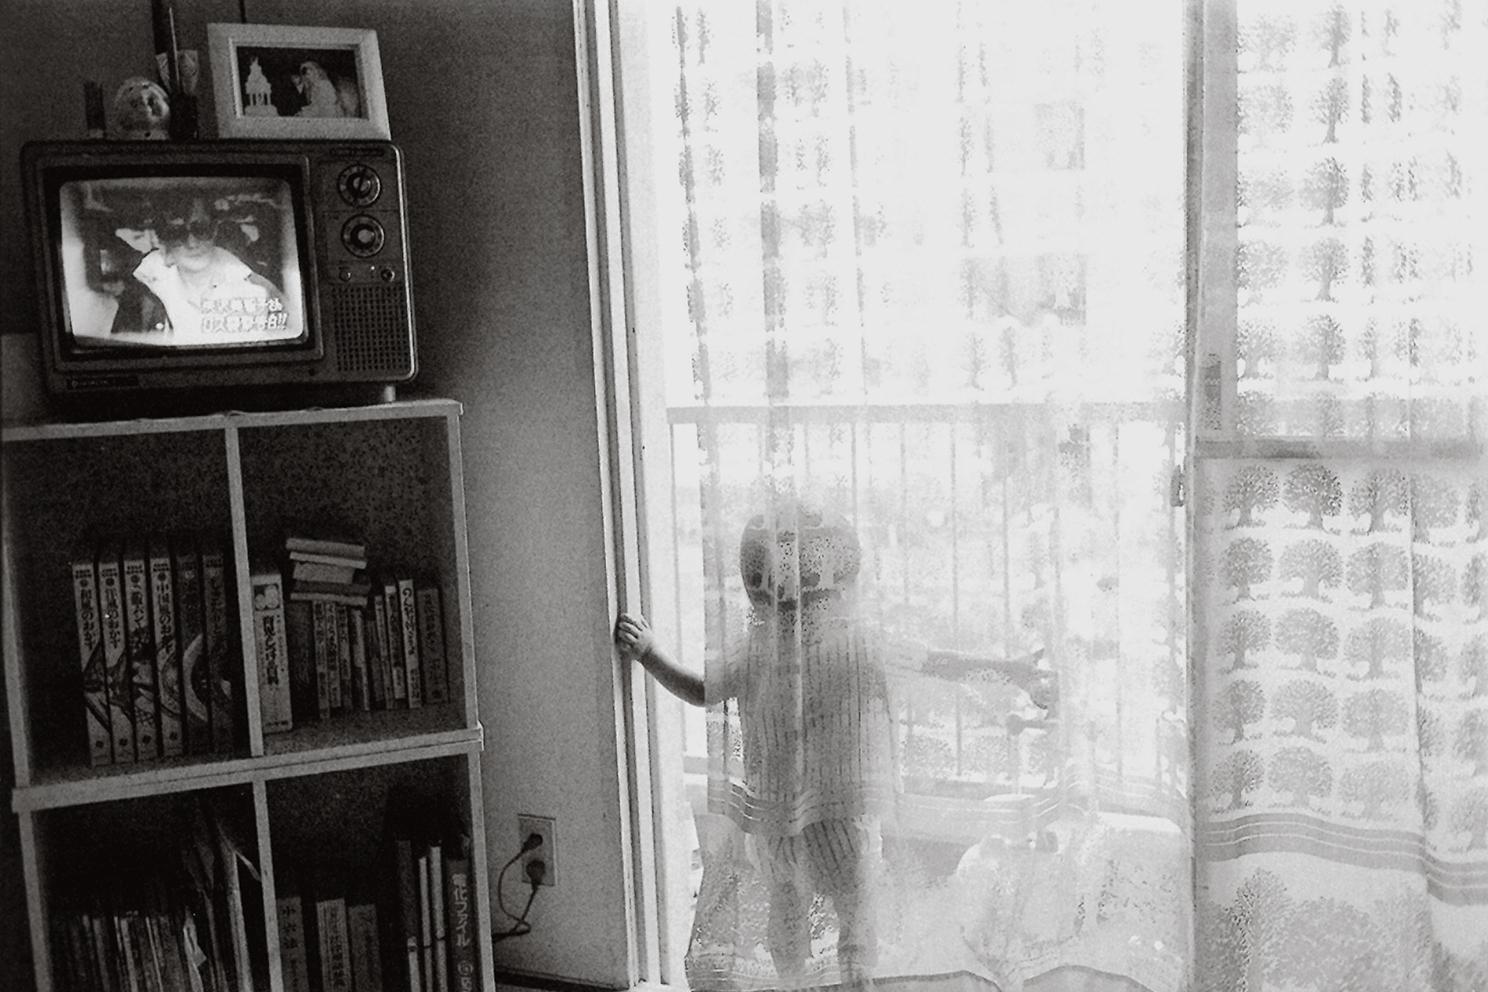 Kazuo Kitai, Funabashi Story, Funabashi, Japan, 1984–87  Courtesy the artist and Yumiko Chiba Associates